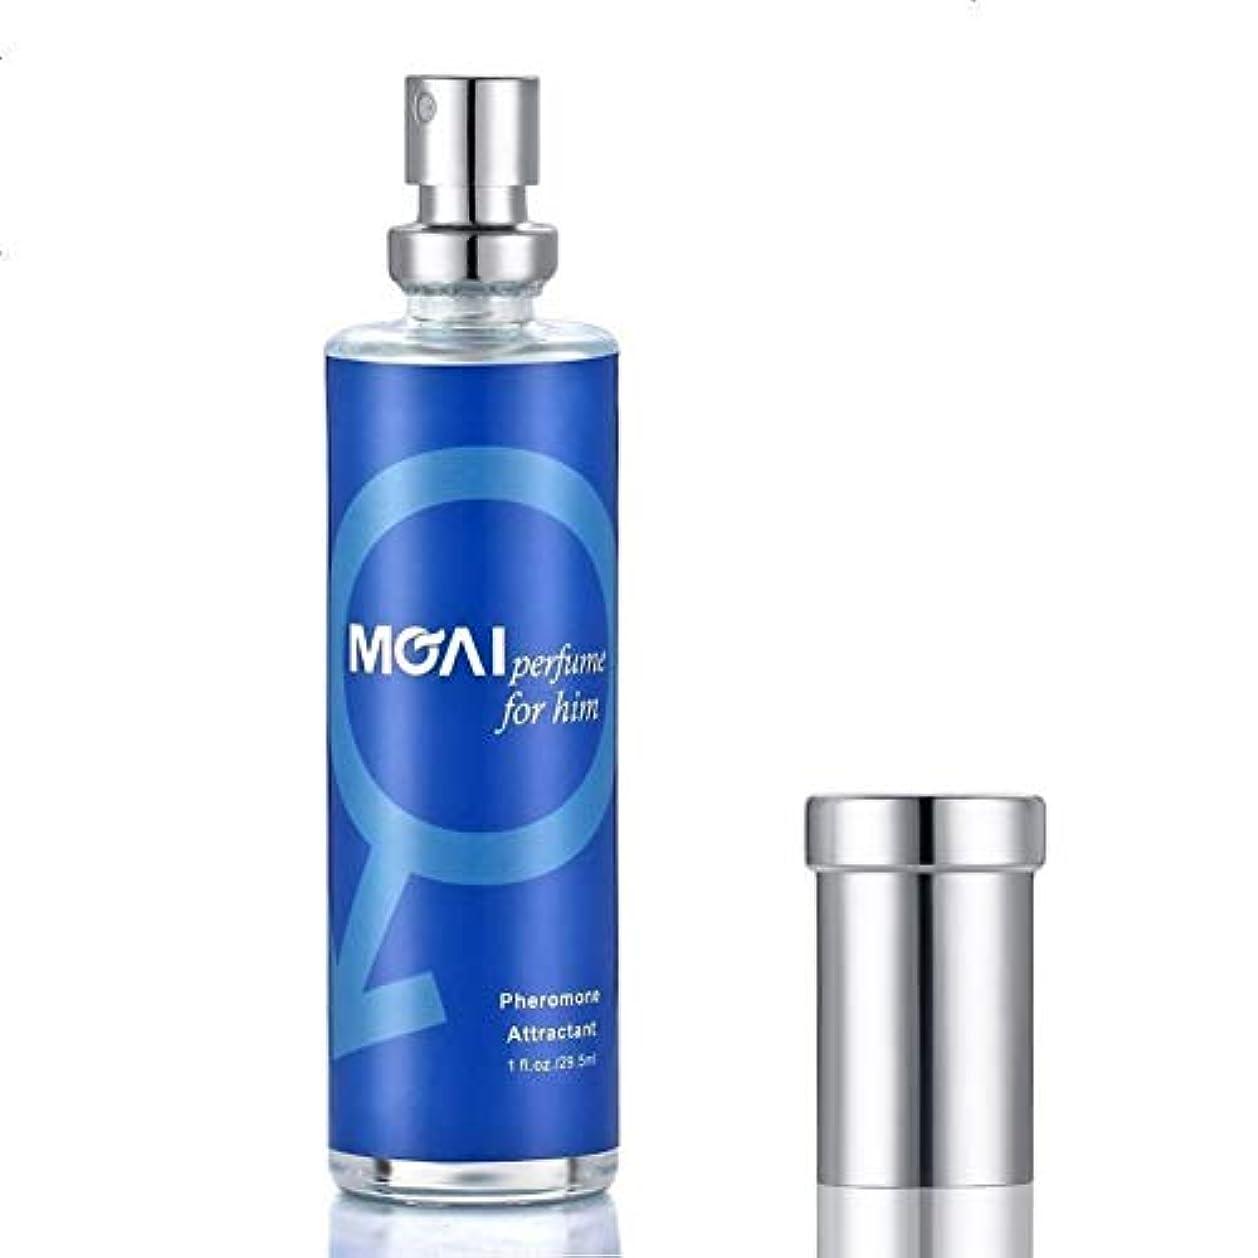 ビジョンハイブリッド頂点Dkhsyいちゃつく香水浮気香水フェロモン男性ボディスプレーの浮気の香水男性用香水女性用香水